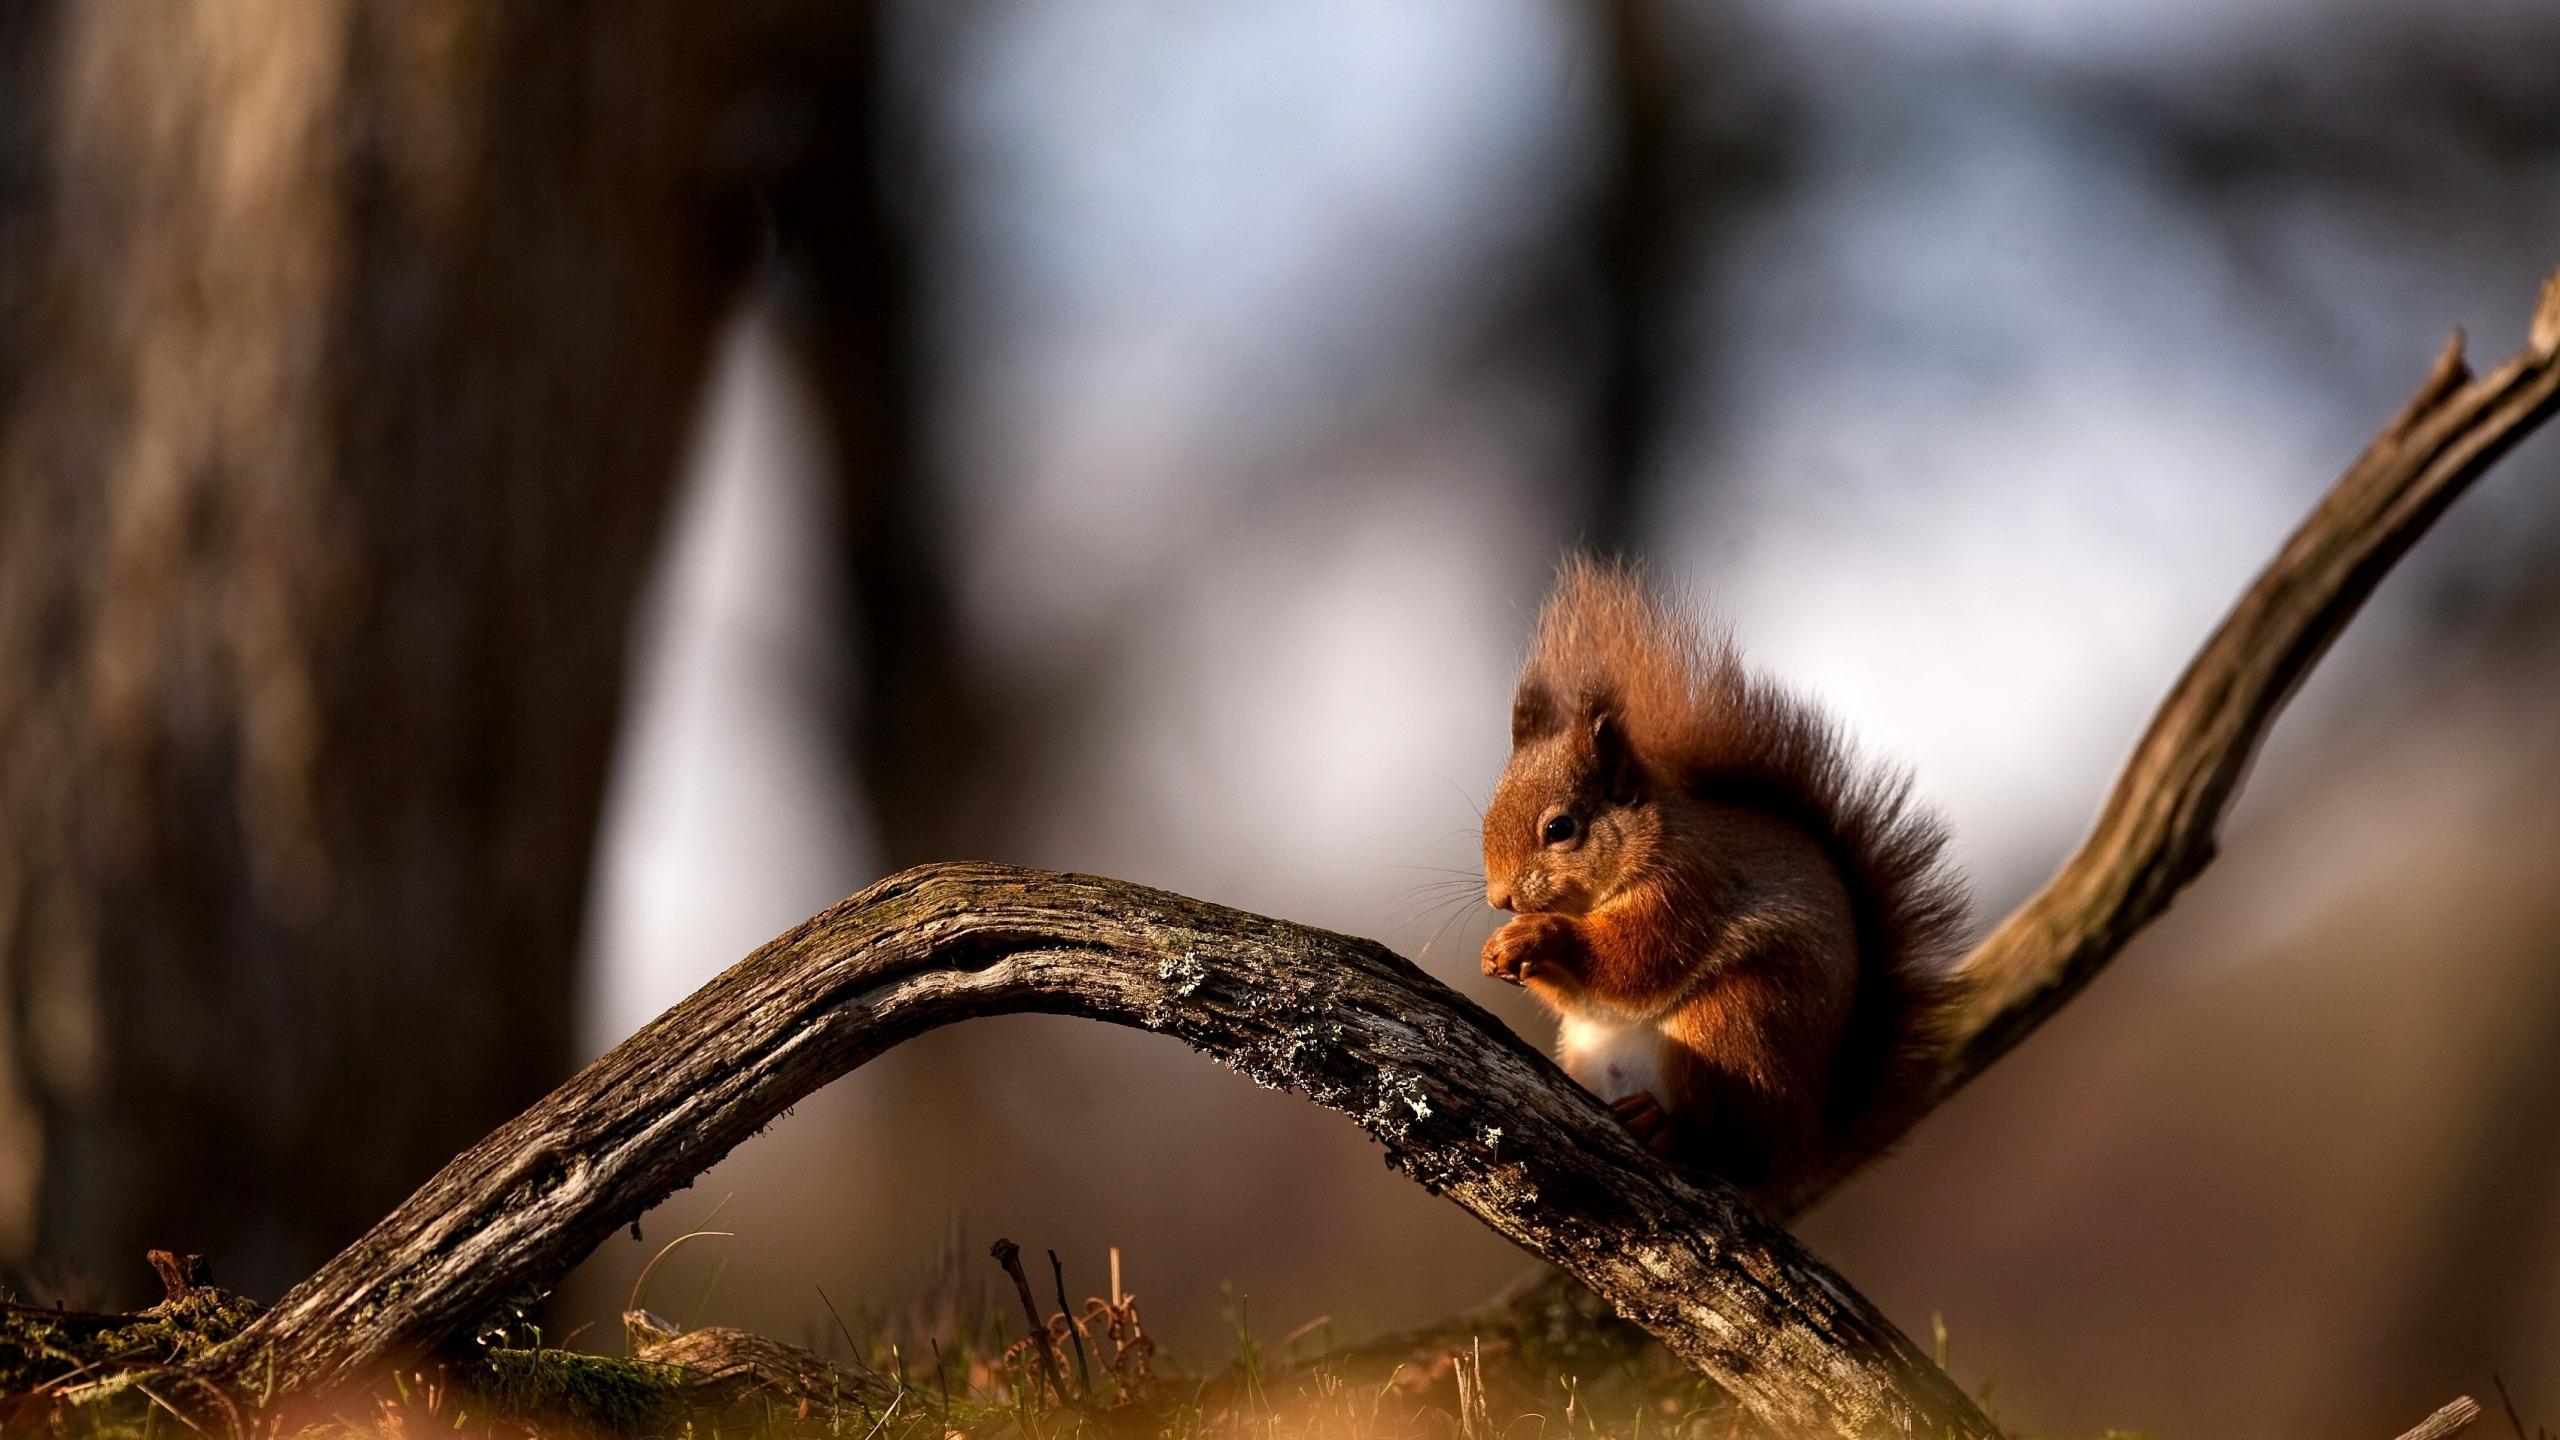 природа осень животное корзина семечки белка  № 2096014 бесплатно